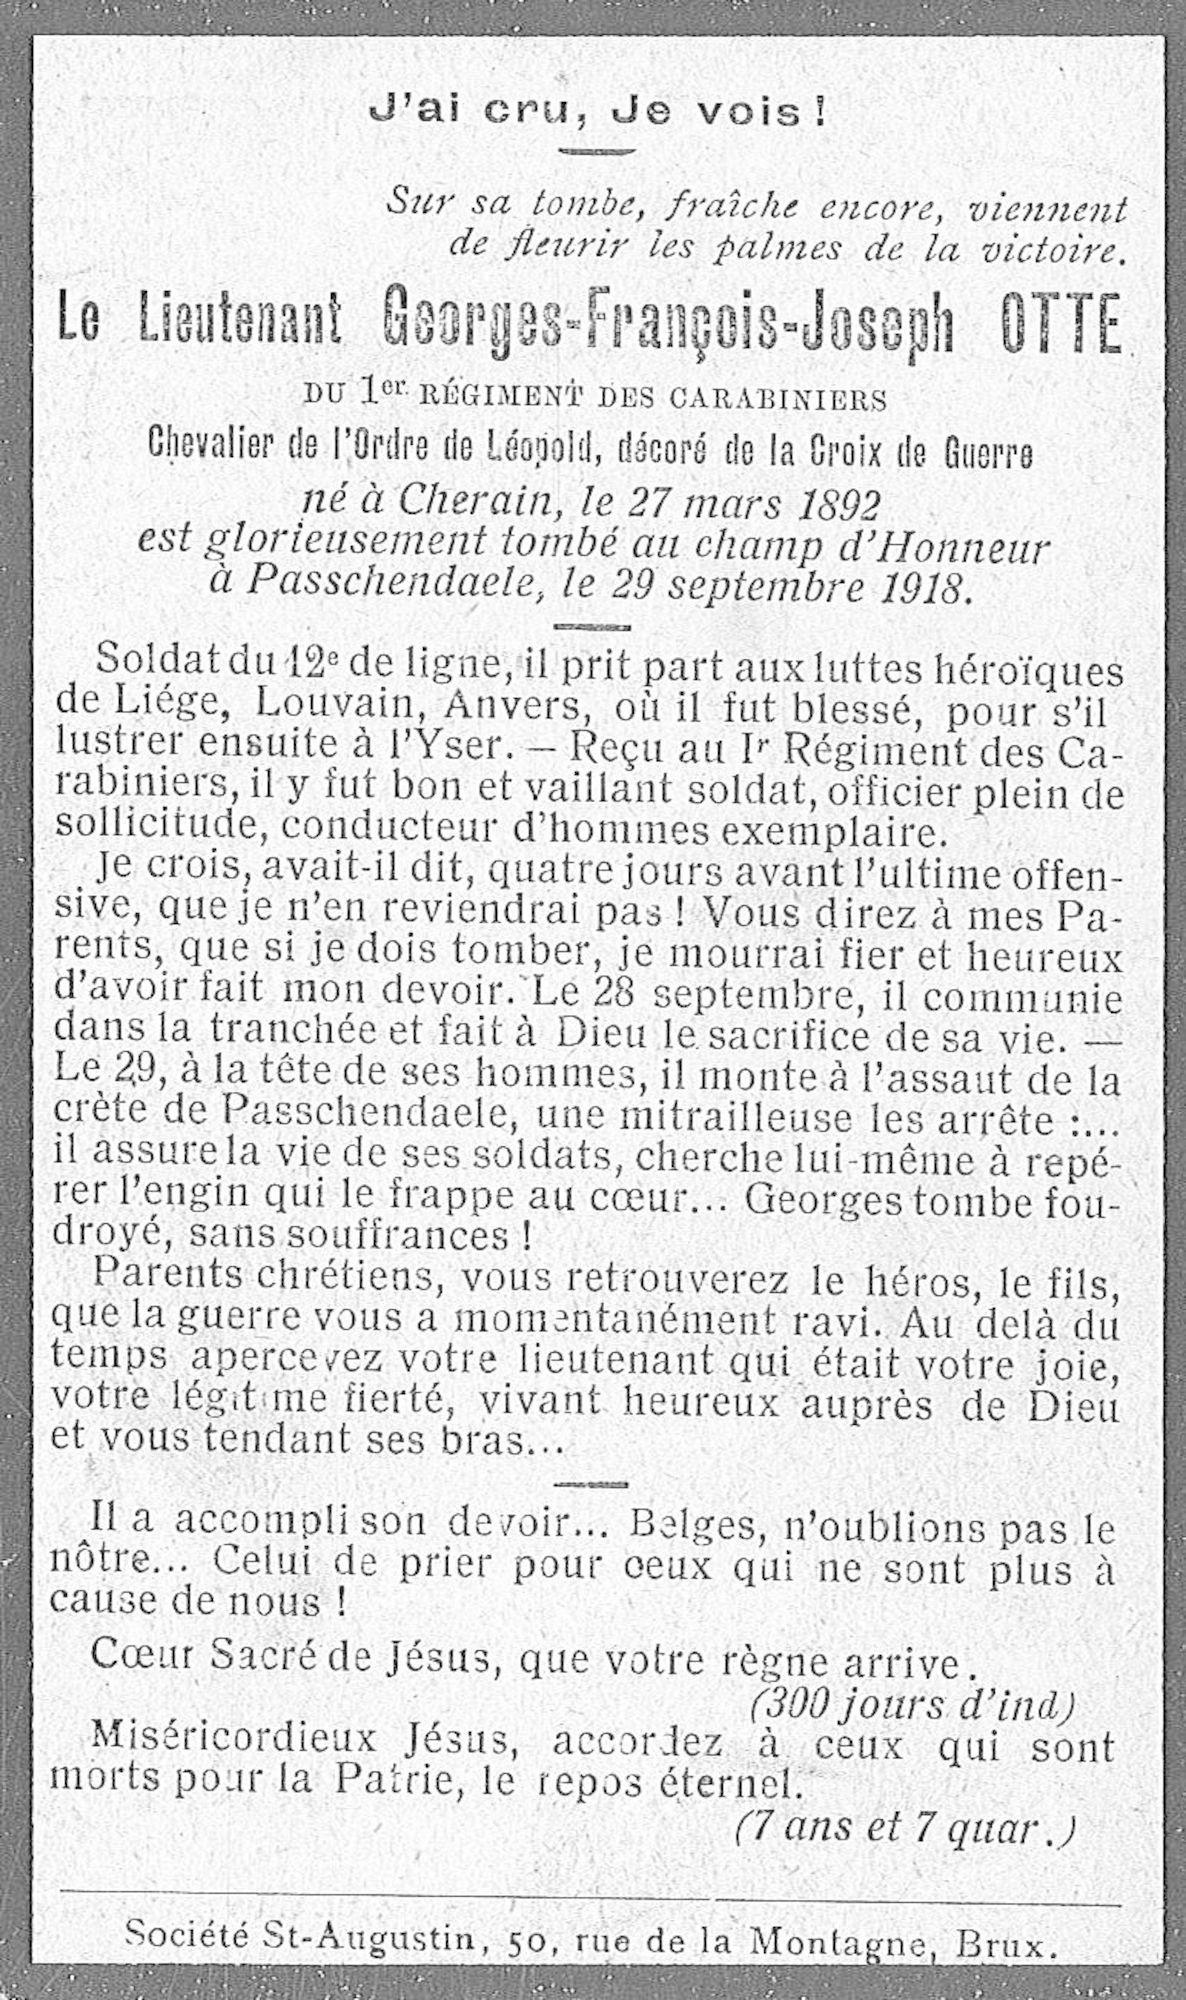 Otte Georges-François-Joseph